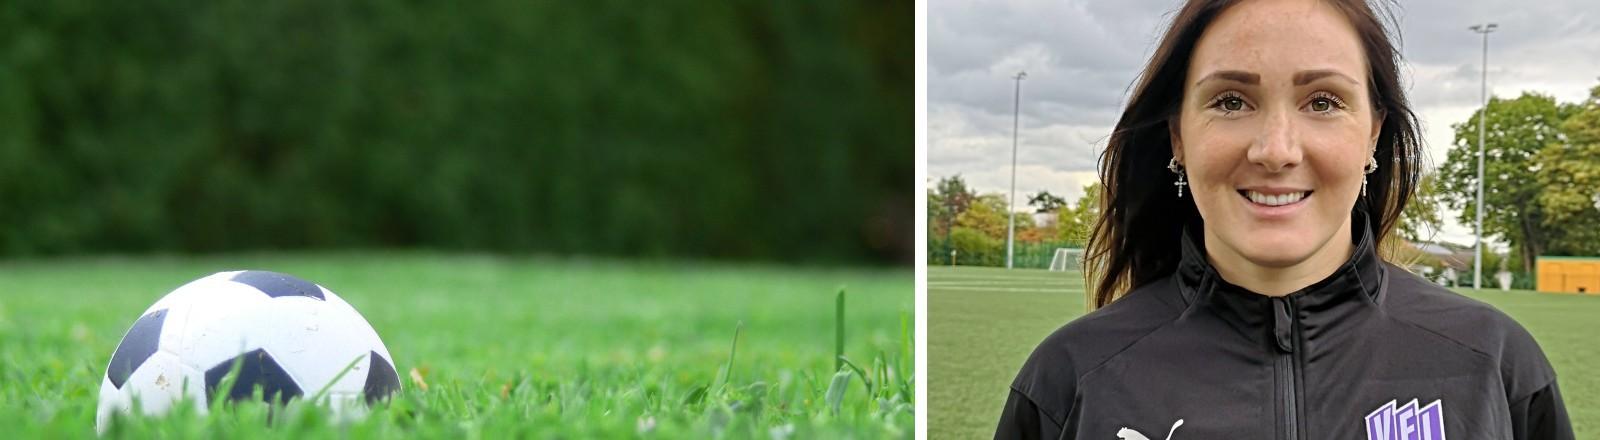 Ein Fußball liegt im Gras, Kathrin Seufert auf dem Fußballplatz